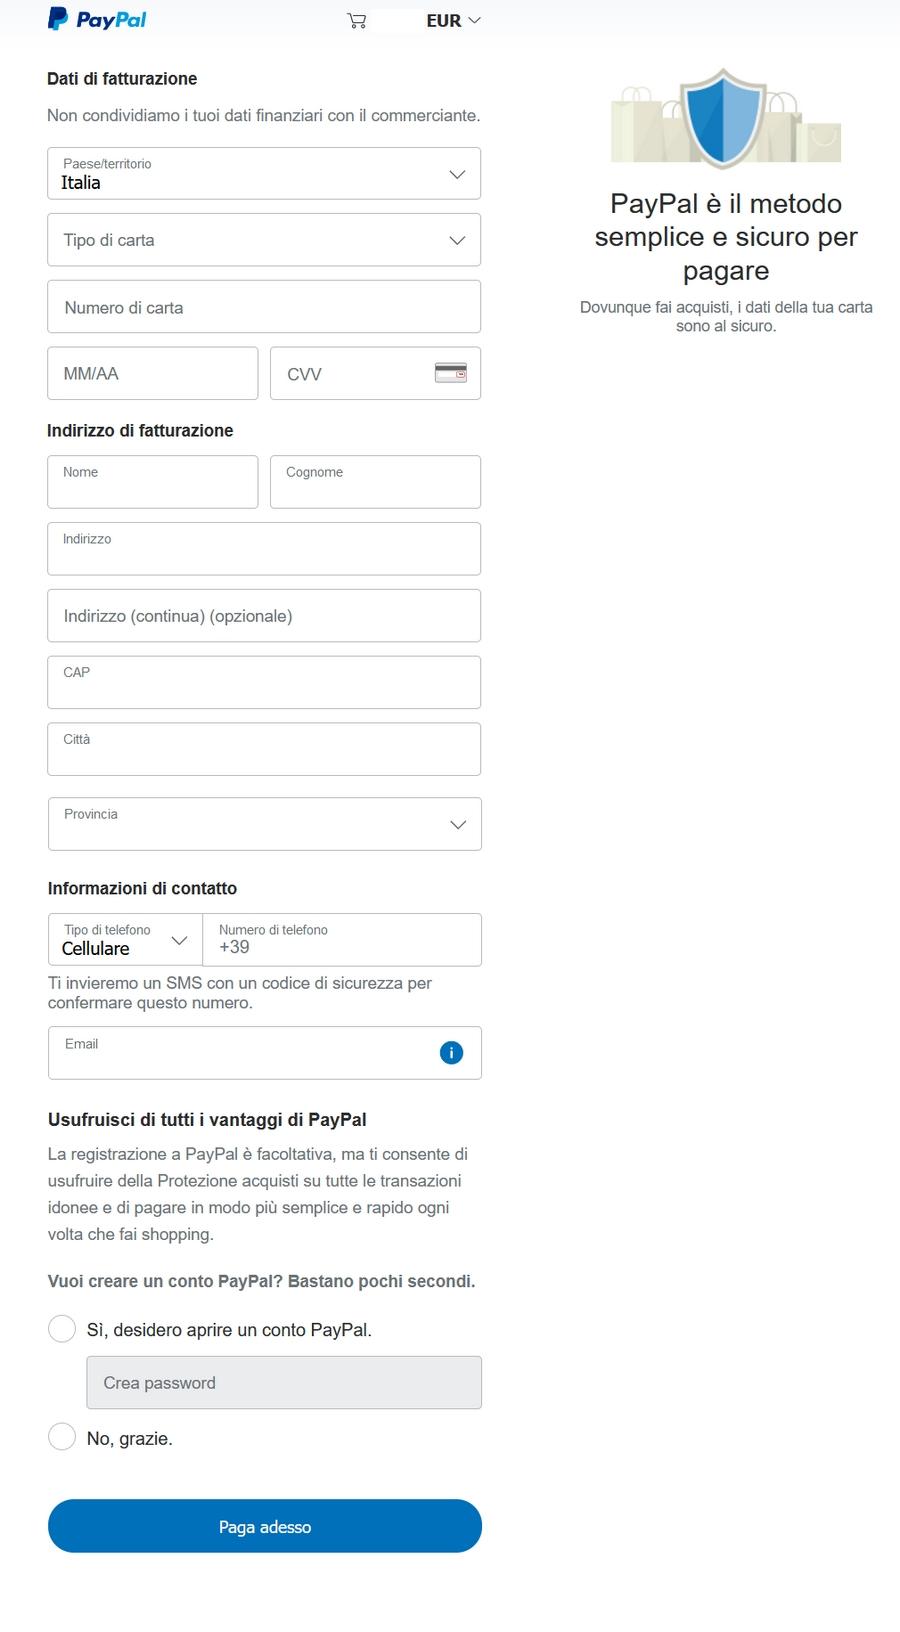 Come pagare con PayPal seconda schermata